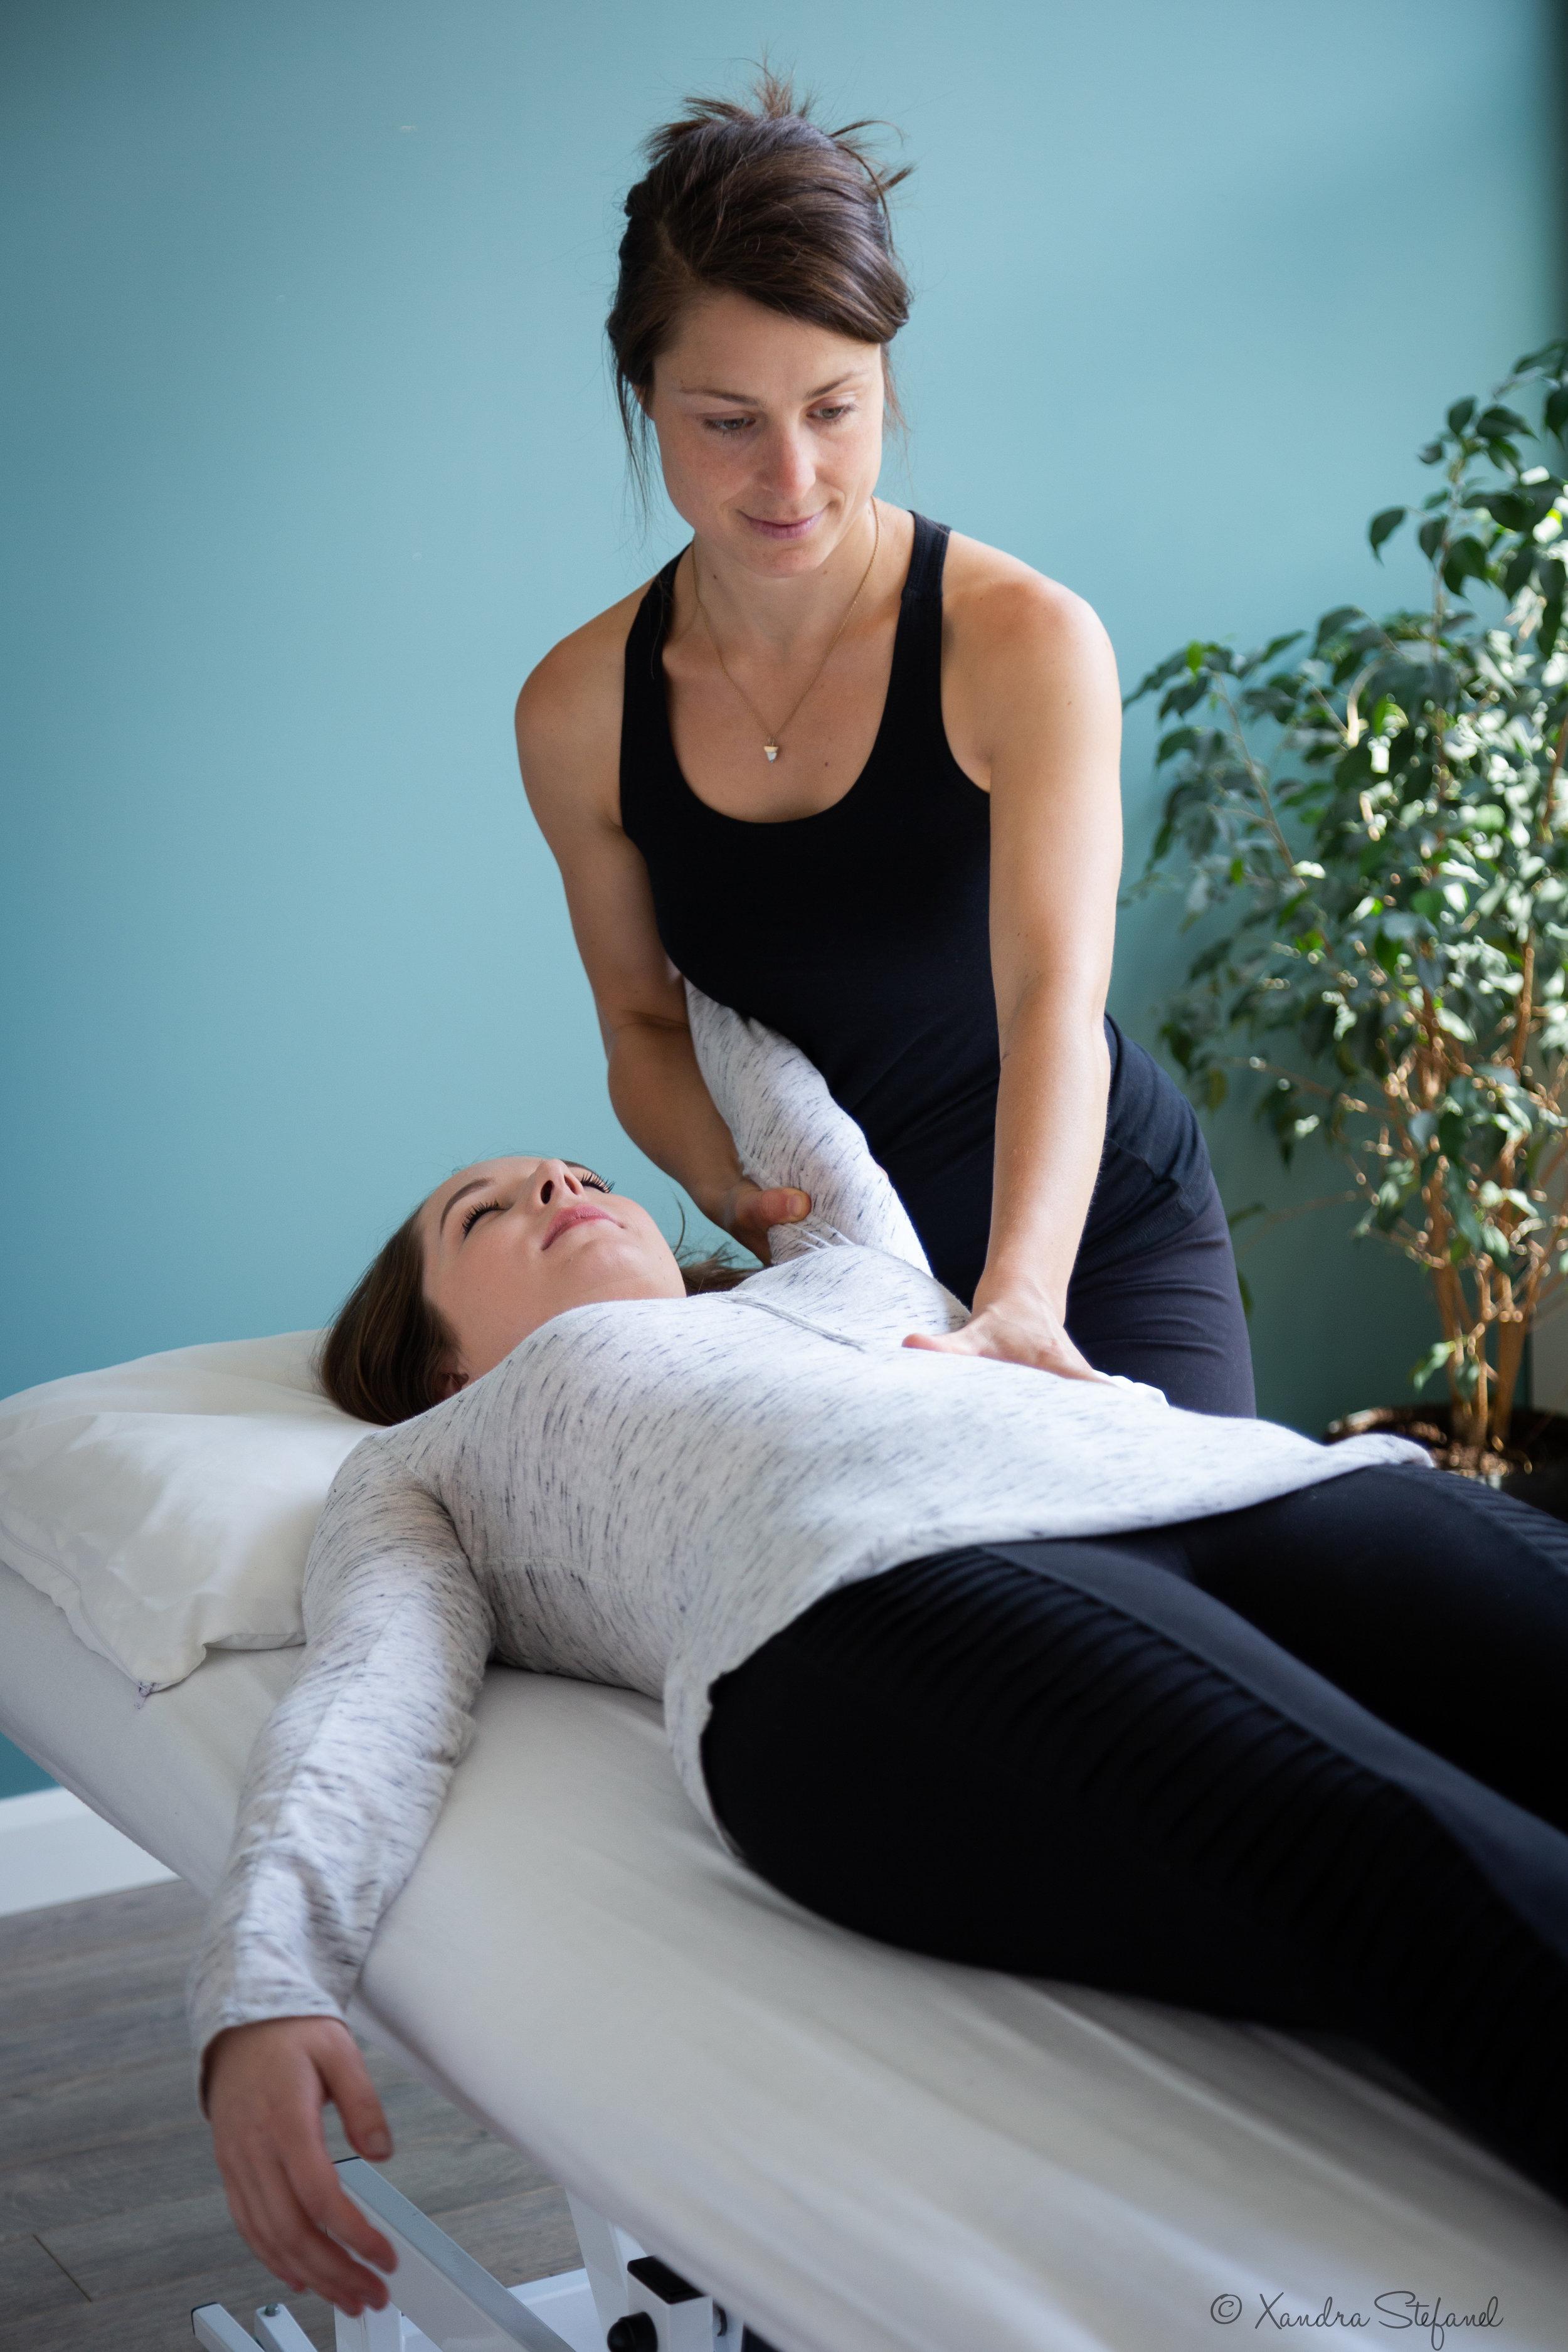 - «Dans son environnement lumineux et enveloppant, Geneviève Gignac m'a offert des expériences de massages yoga thaï hors du commun. Accueillie avec respect, sensibilité et douceur, il m'a été facile de m'abandonner à son mouvement fluide, expert et créatif. Et j'en redemande régulièrement! Les massages de Geneviève constituent de véritables antidotes au déséquilibre. Ils me permettent en effet de refaire le plein d'énergie en périodes de transition, de calmer mon système nerveux lors de moments de stress intense ou simplement de me détendre.»Angèle-Anne Brouillette